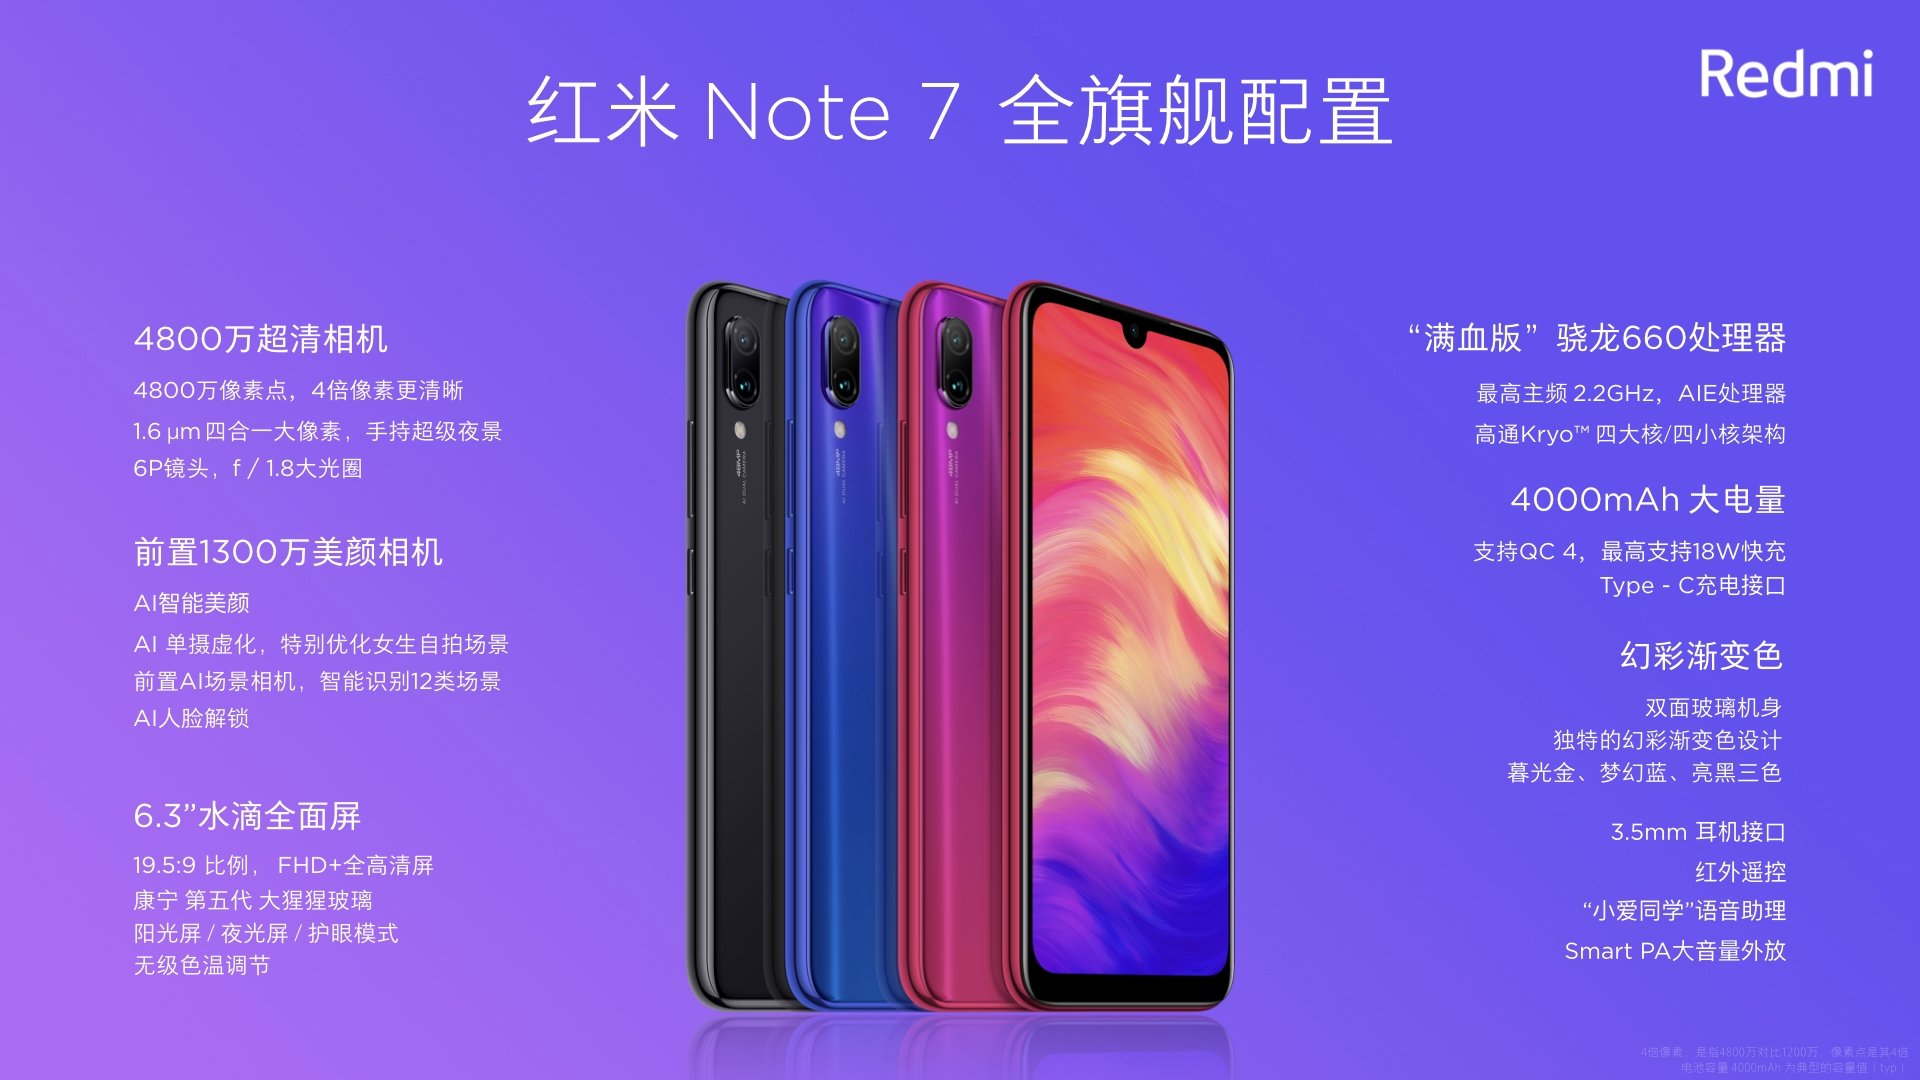 小米Redmi Note7发布,首创18月质保,999元起,将重新定义性价比